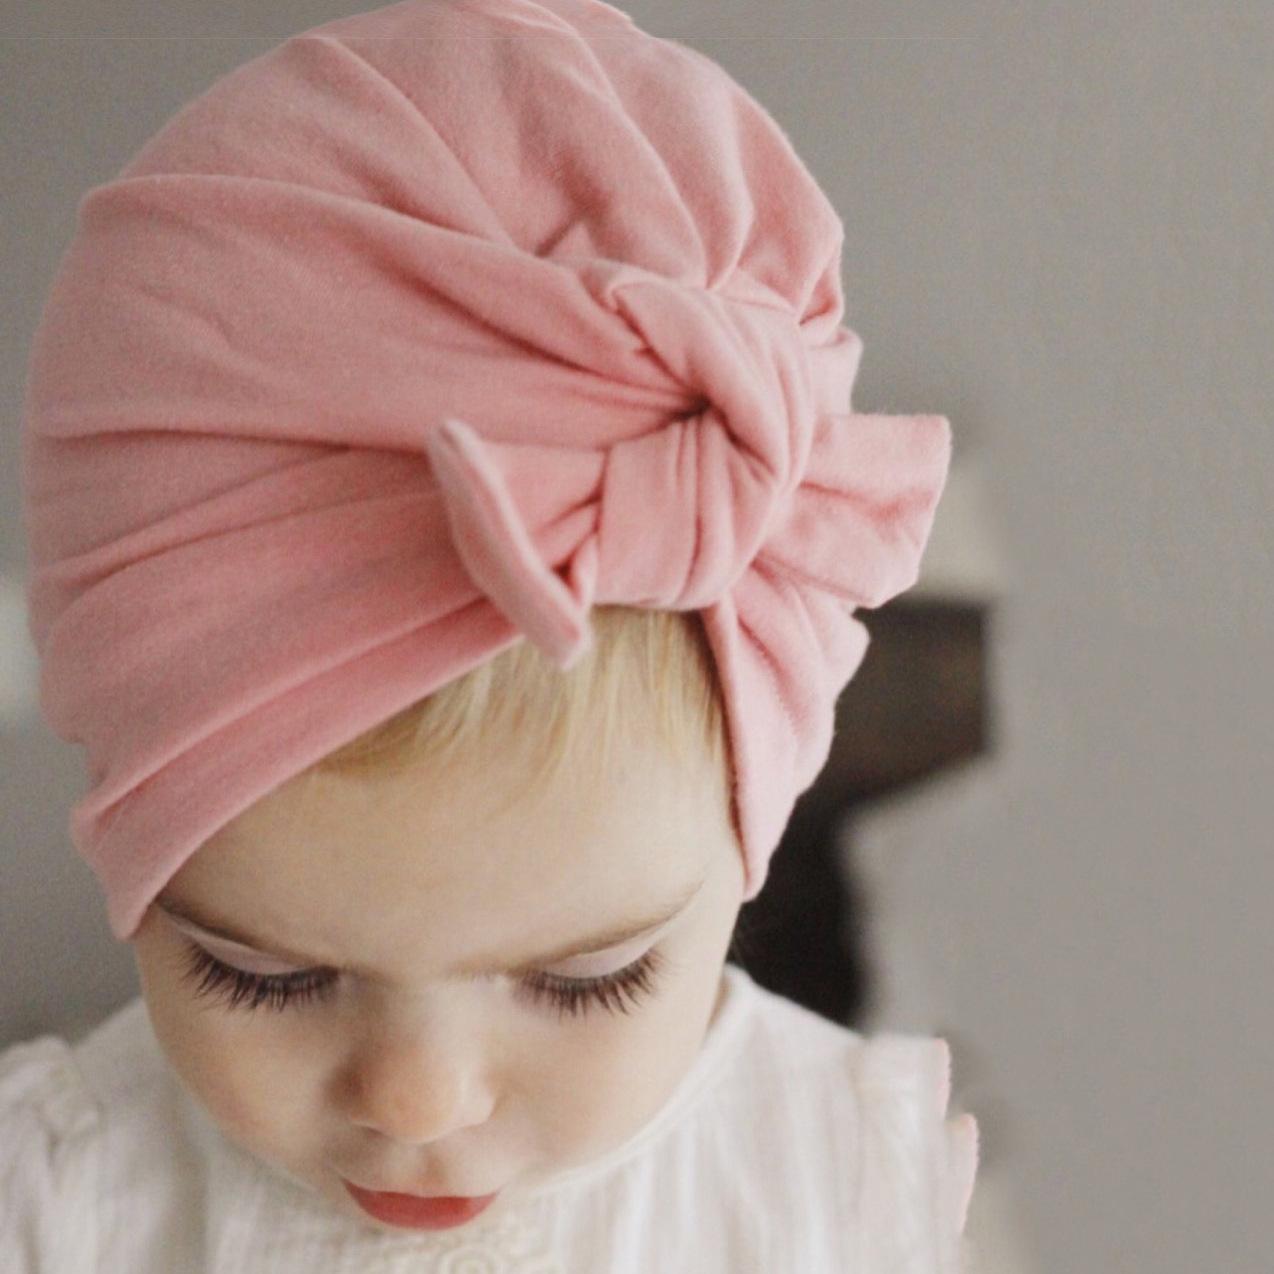 الطفل القبعات الأرنب الأذن قبعات العمامة عقدة رئيس يلتف الأطفال الرضع أطفال الهند قبعة آذان غطاء الطفل الحليب الحرير قبعة KBH70